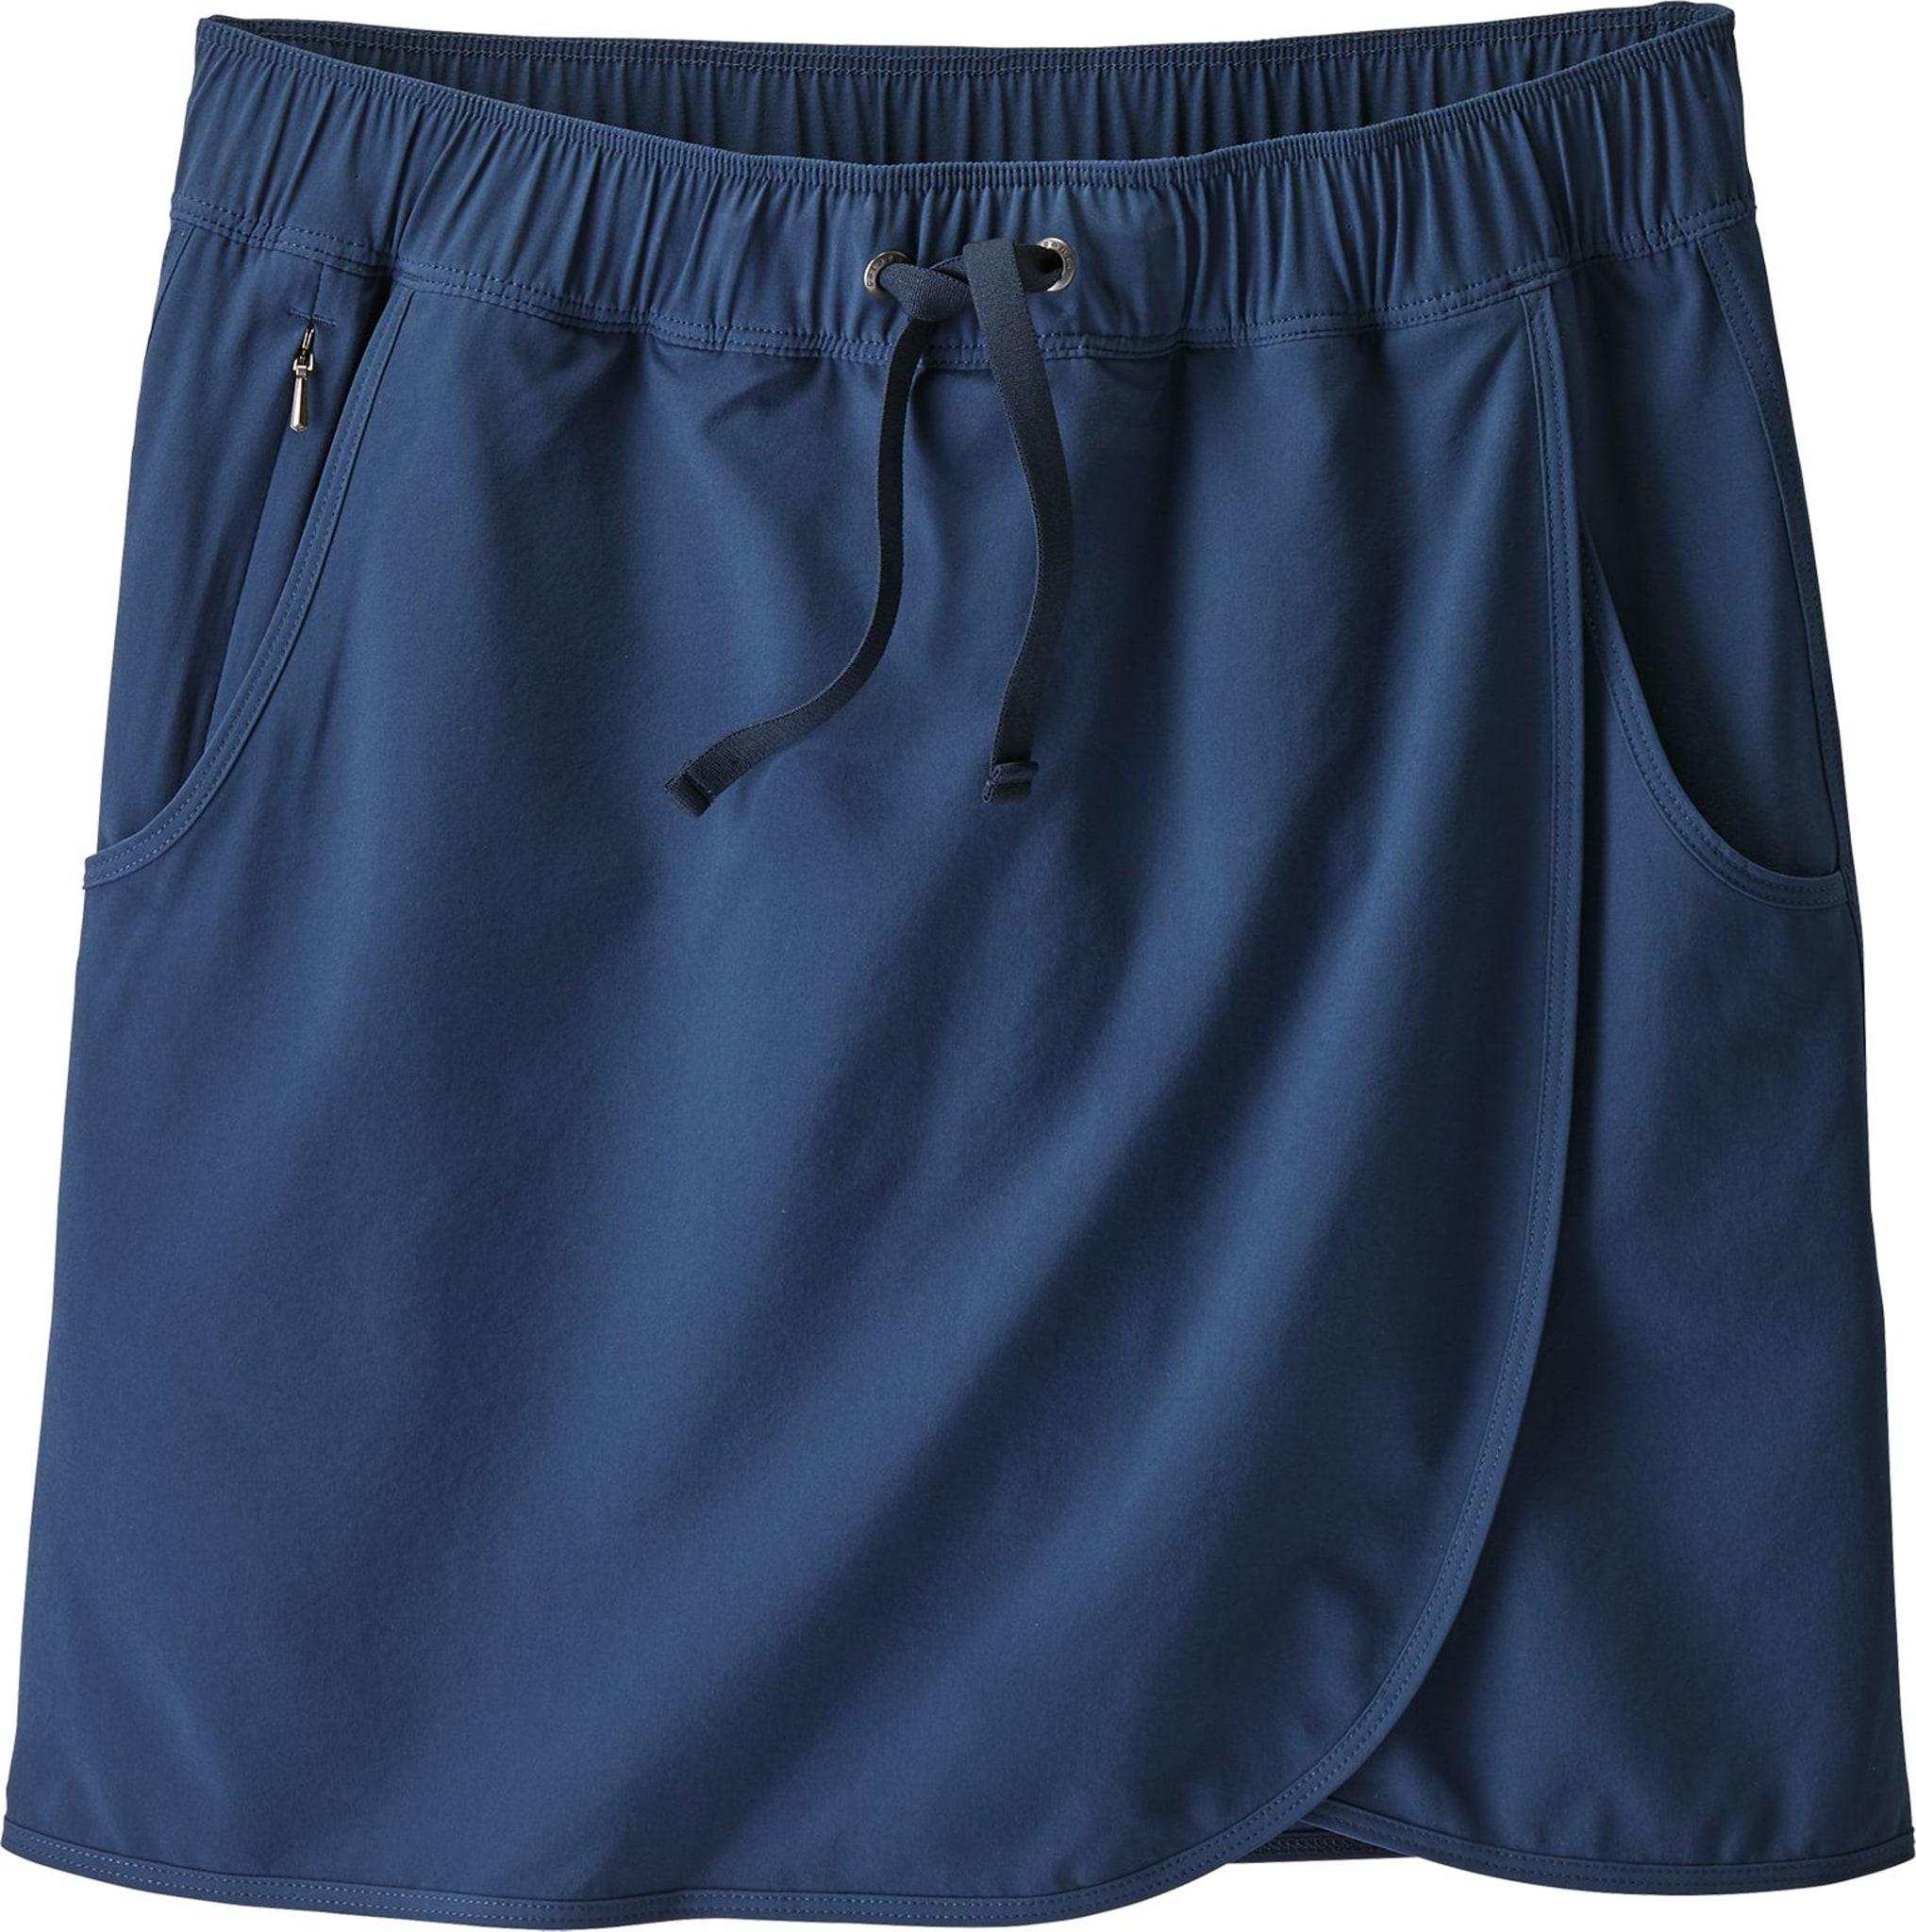 714a03c3 Lett skjørt med innvending shorts